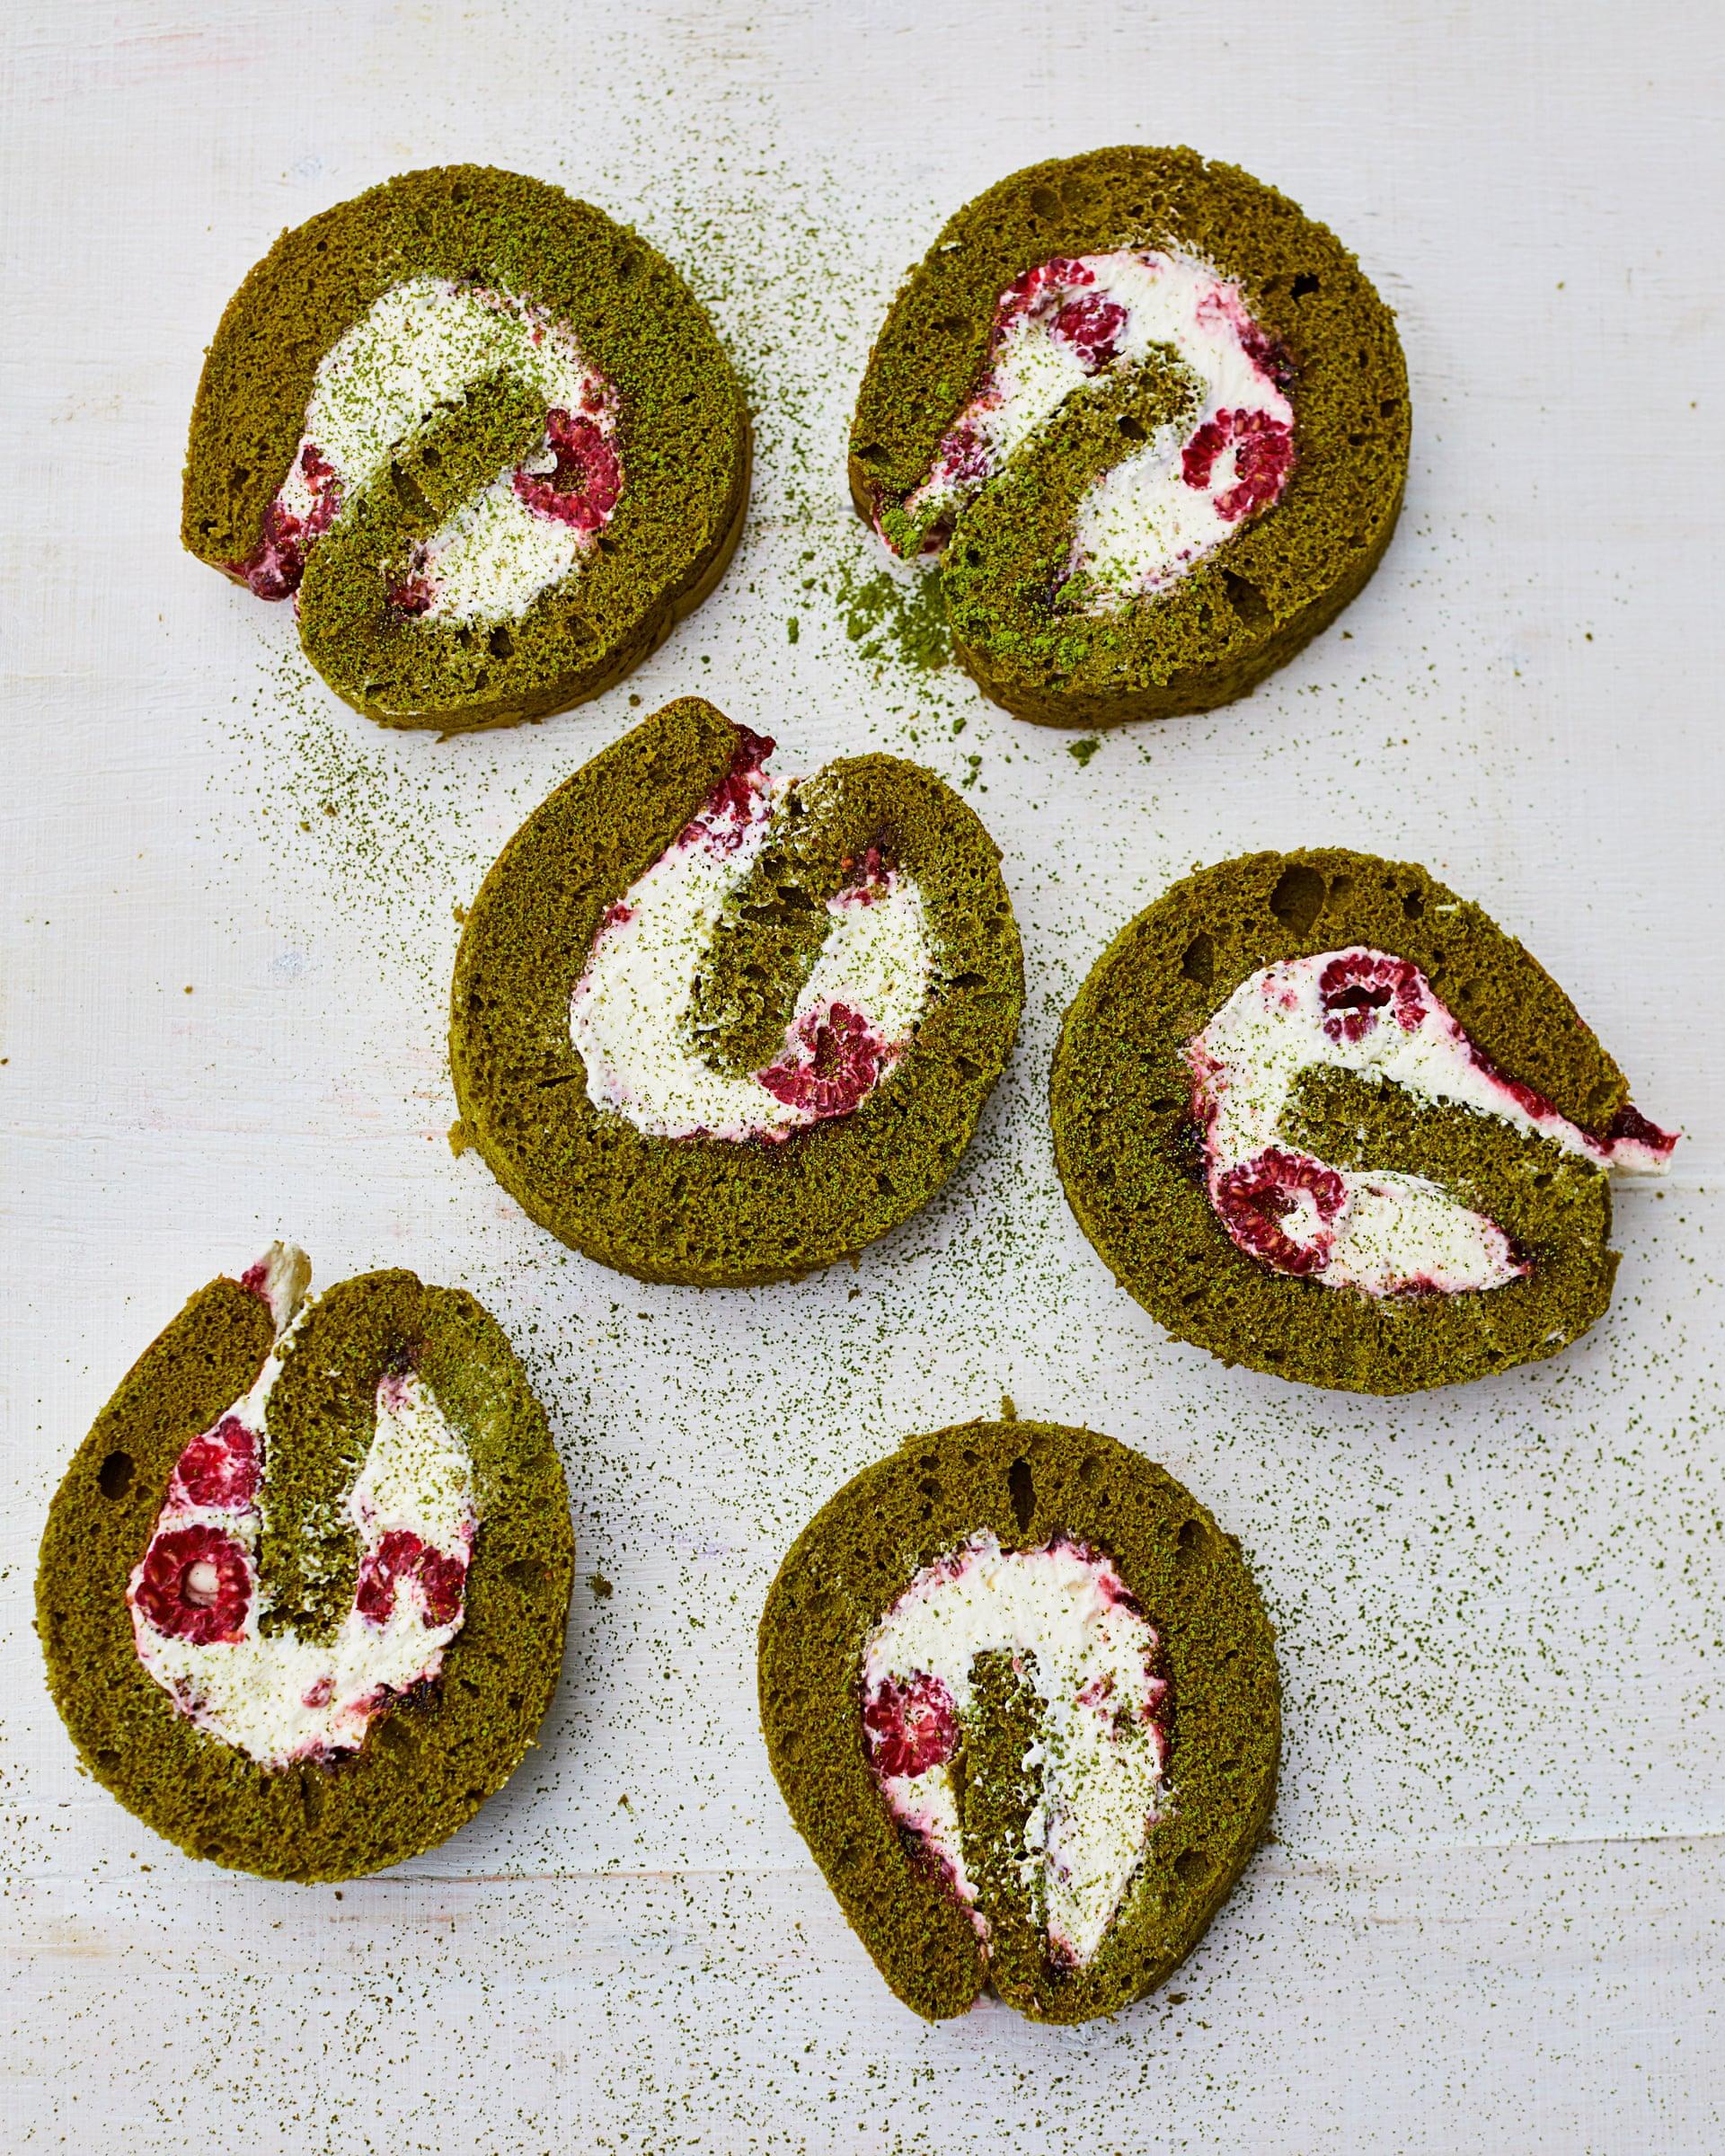 كعكة الماتشا (مسحوق الشاي الأخضر) بتوت العليق والكريمة من ميلي